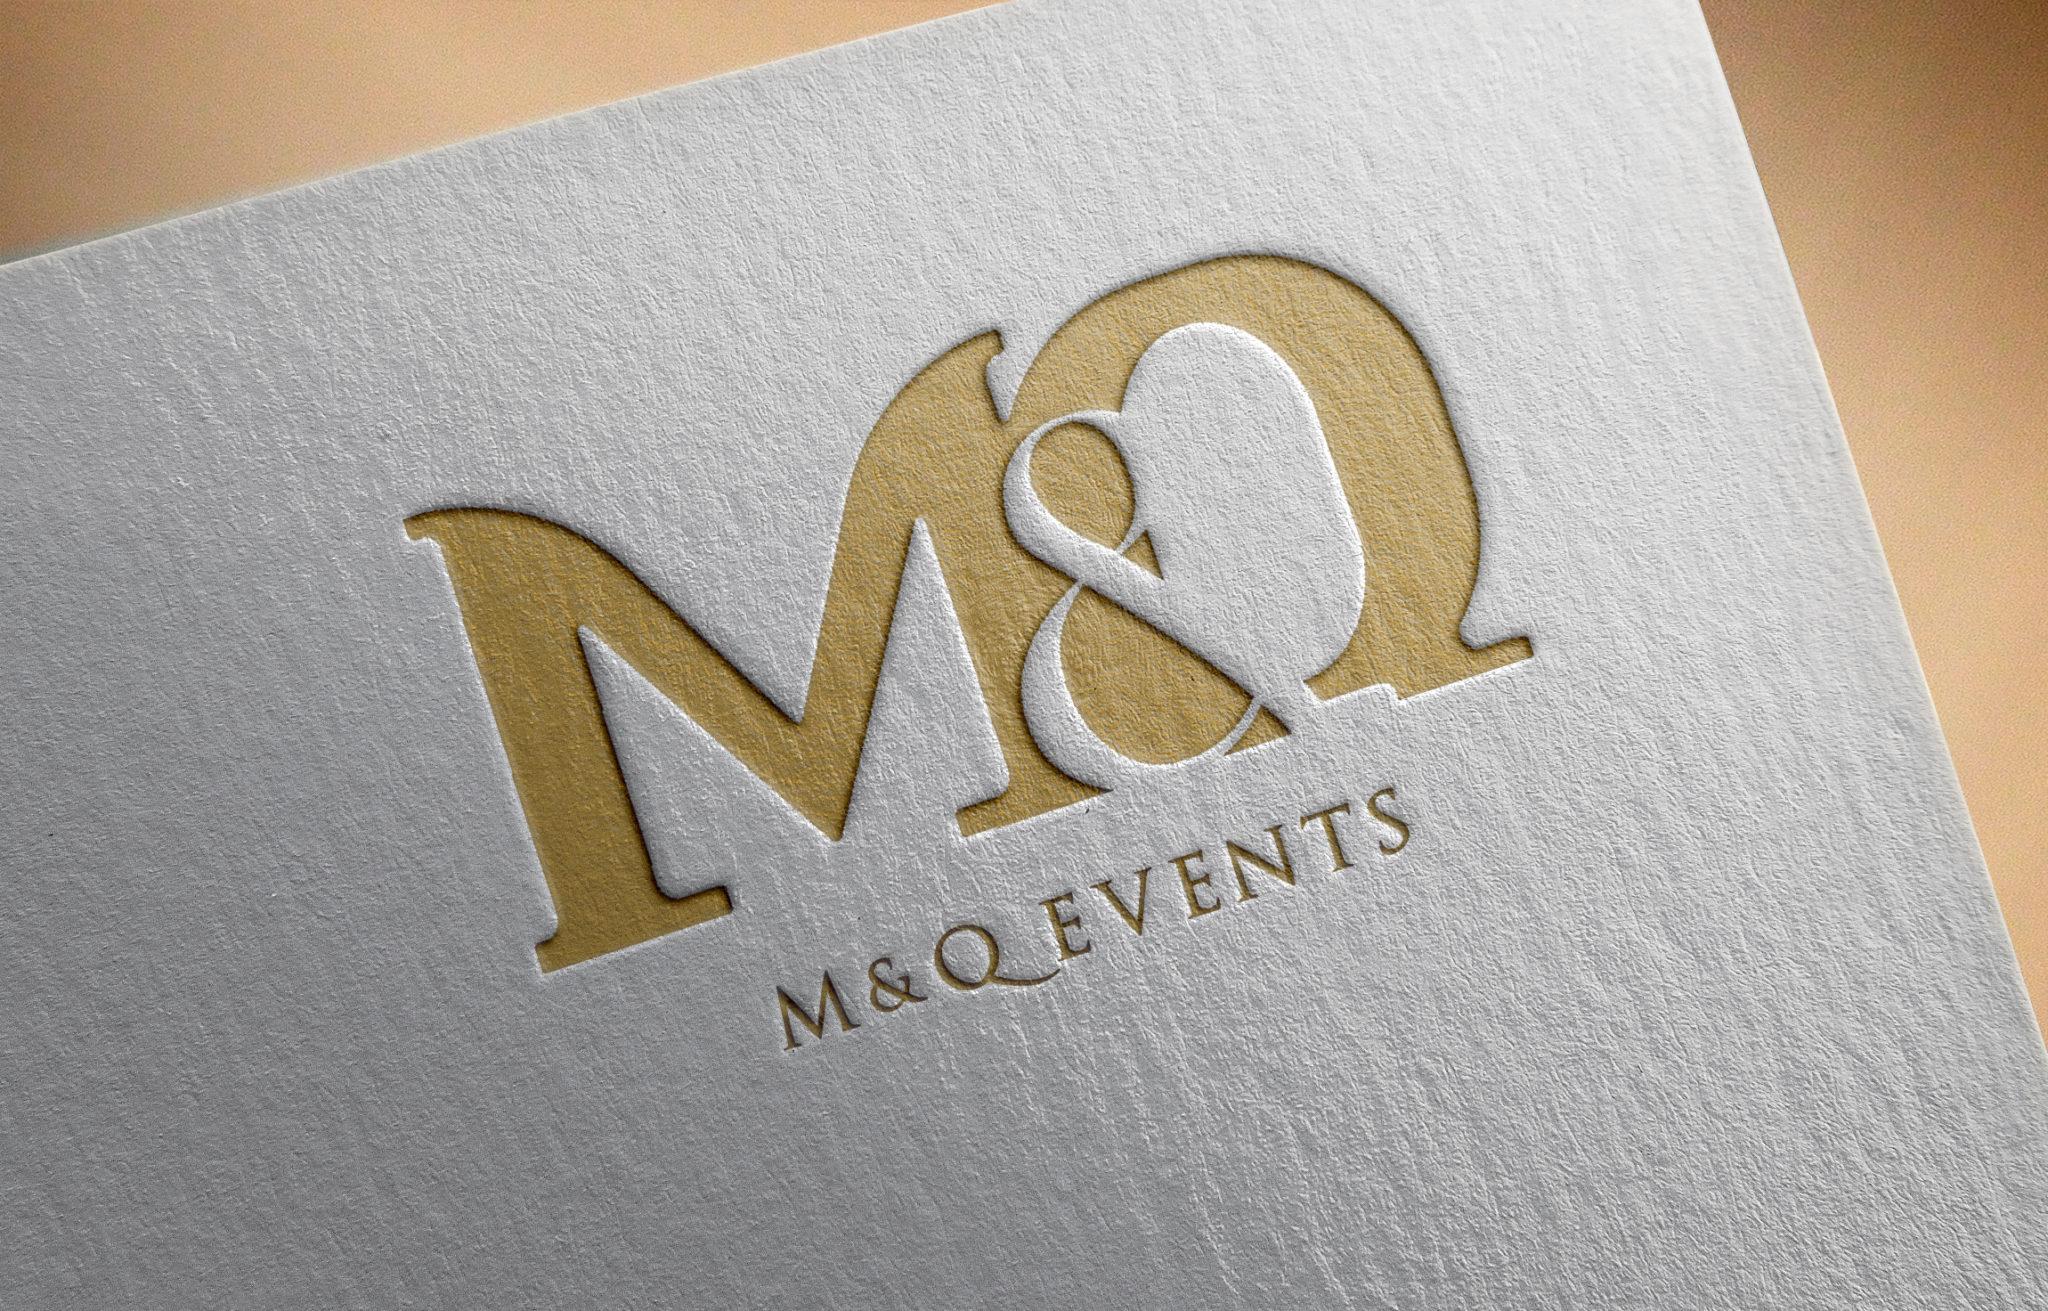 mock-uip-MQ-events